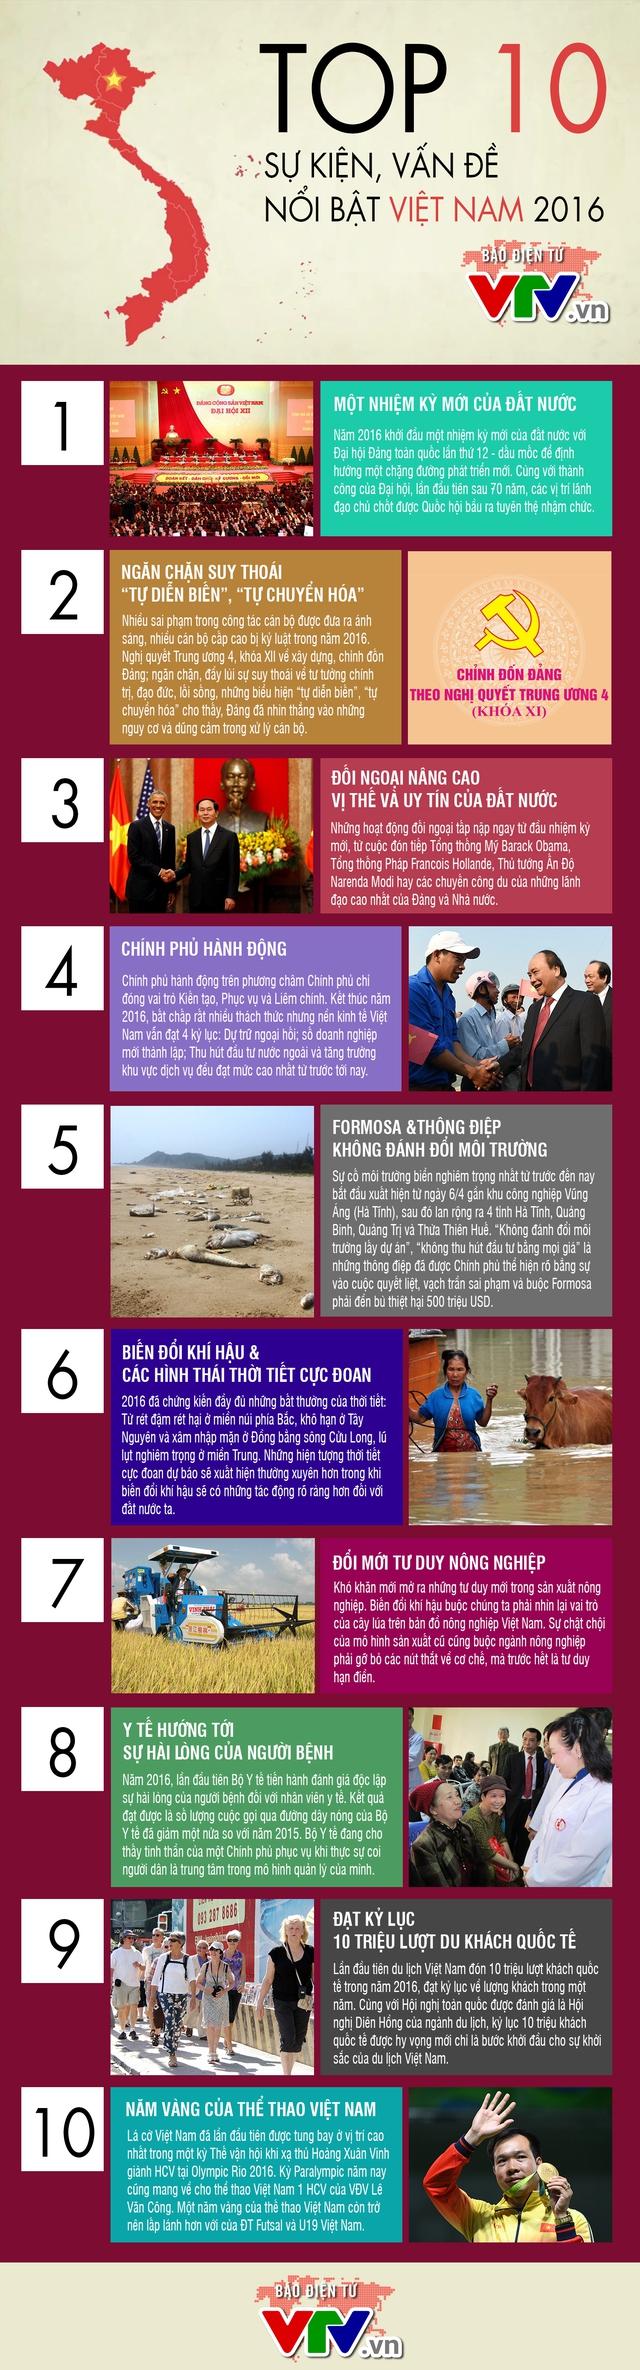 [INFOGRAPHIC] 10 sự kiện, vấn đề nổi bật Việt Nam năm 2016 - Ảnh 1.